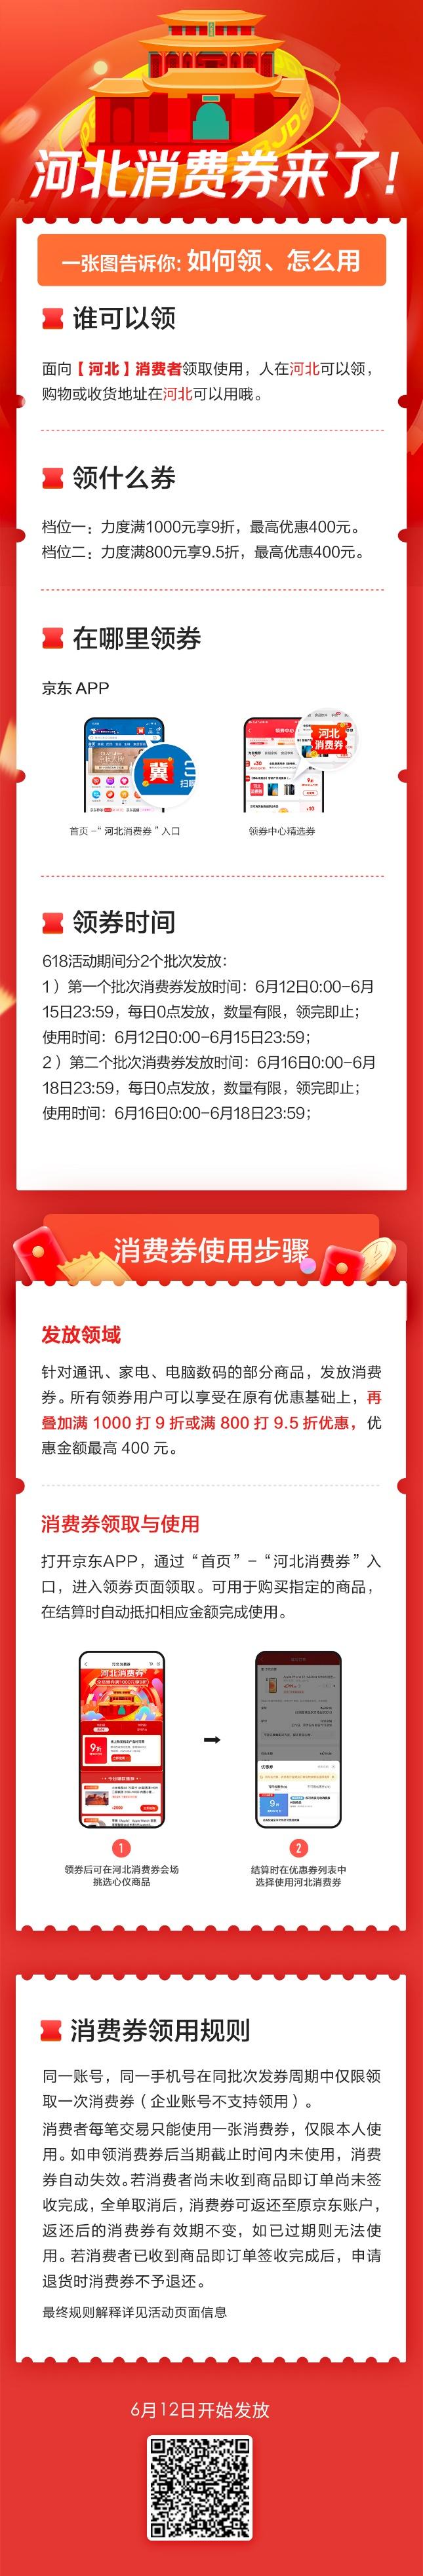 最高优惠400元!河北省消费者6月12日起可免费领取京东专属消费券